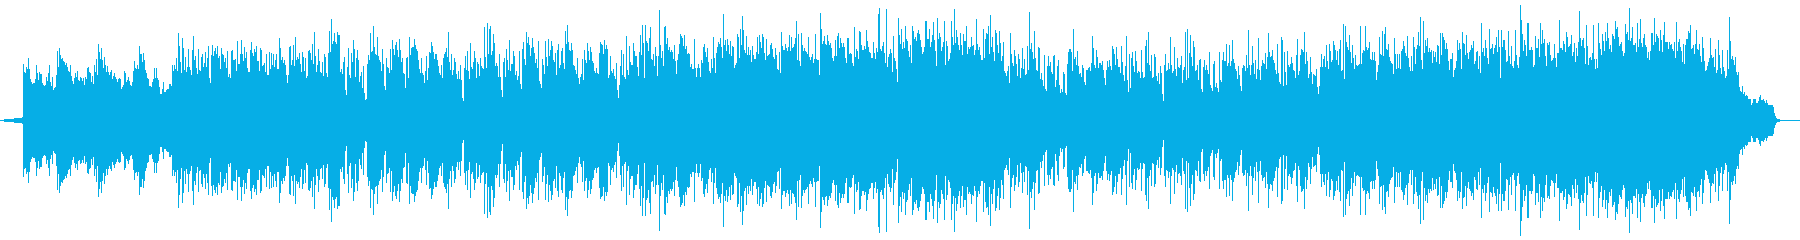 爽かな風ピアノ・シンセ系サウンドの再生済みの波形